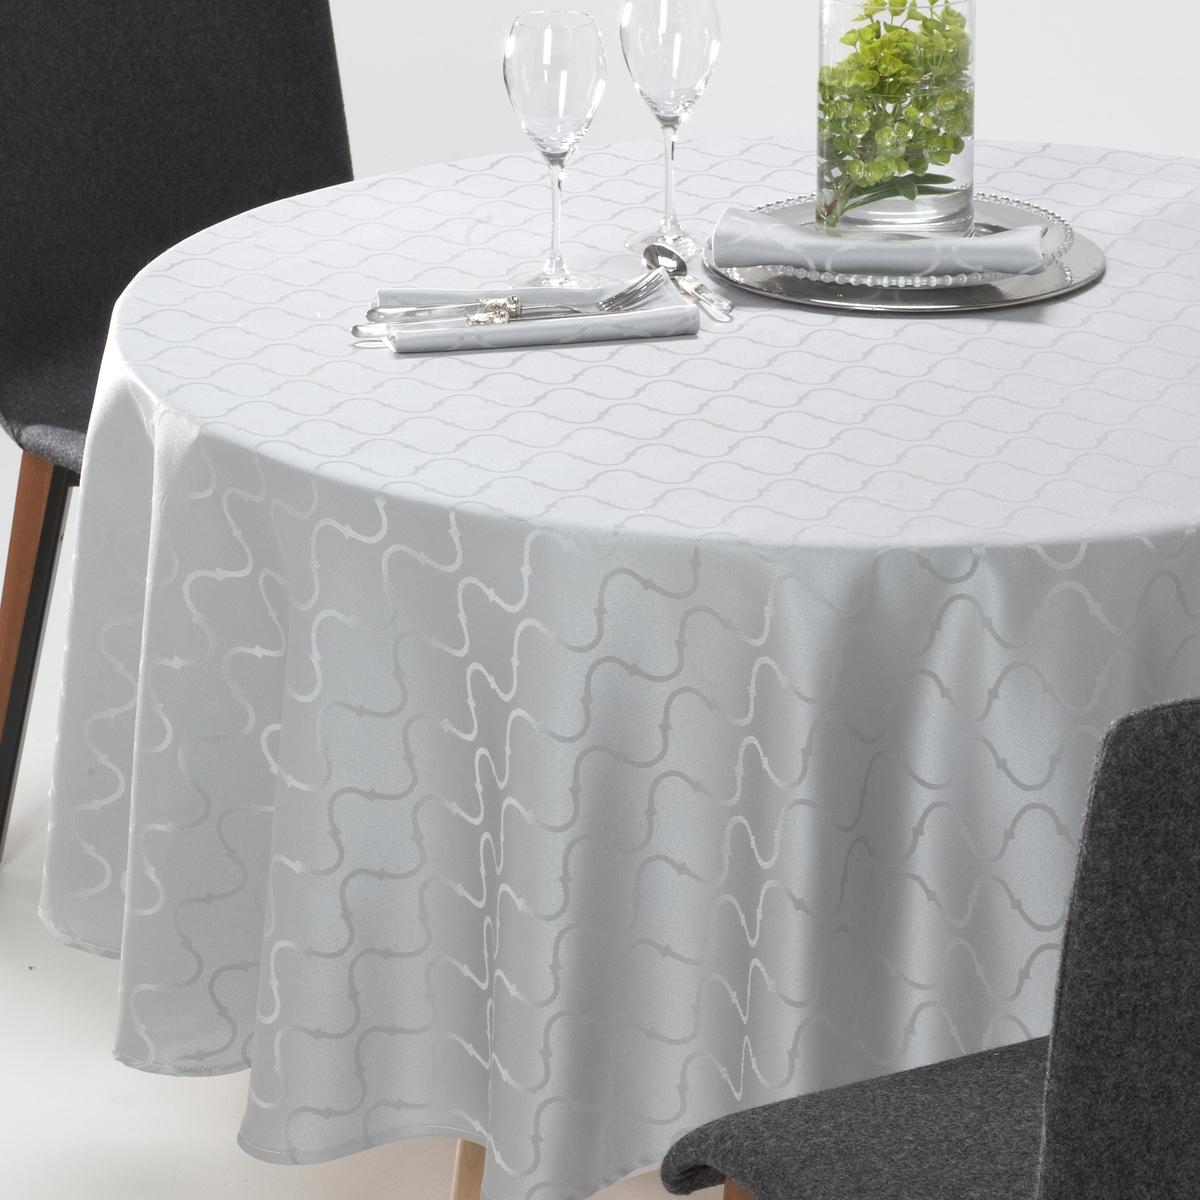 Toalha de mesa redonda Salomé, jacquard adamascado, com padrão